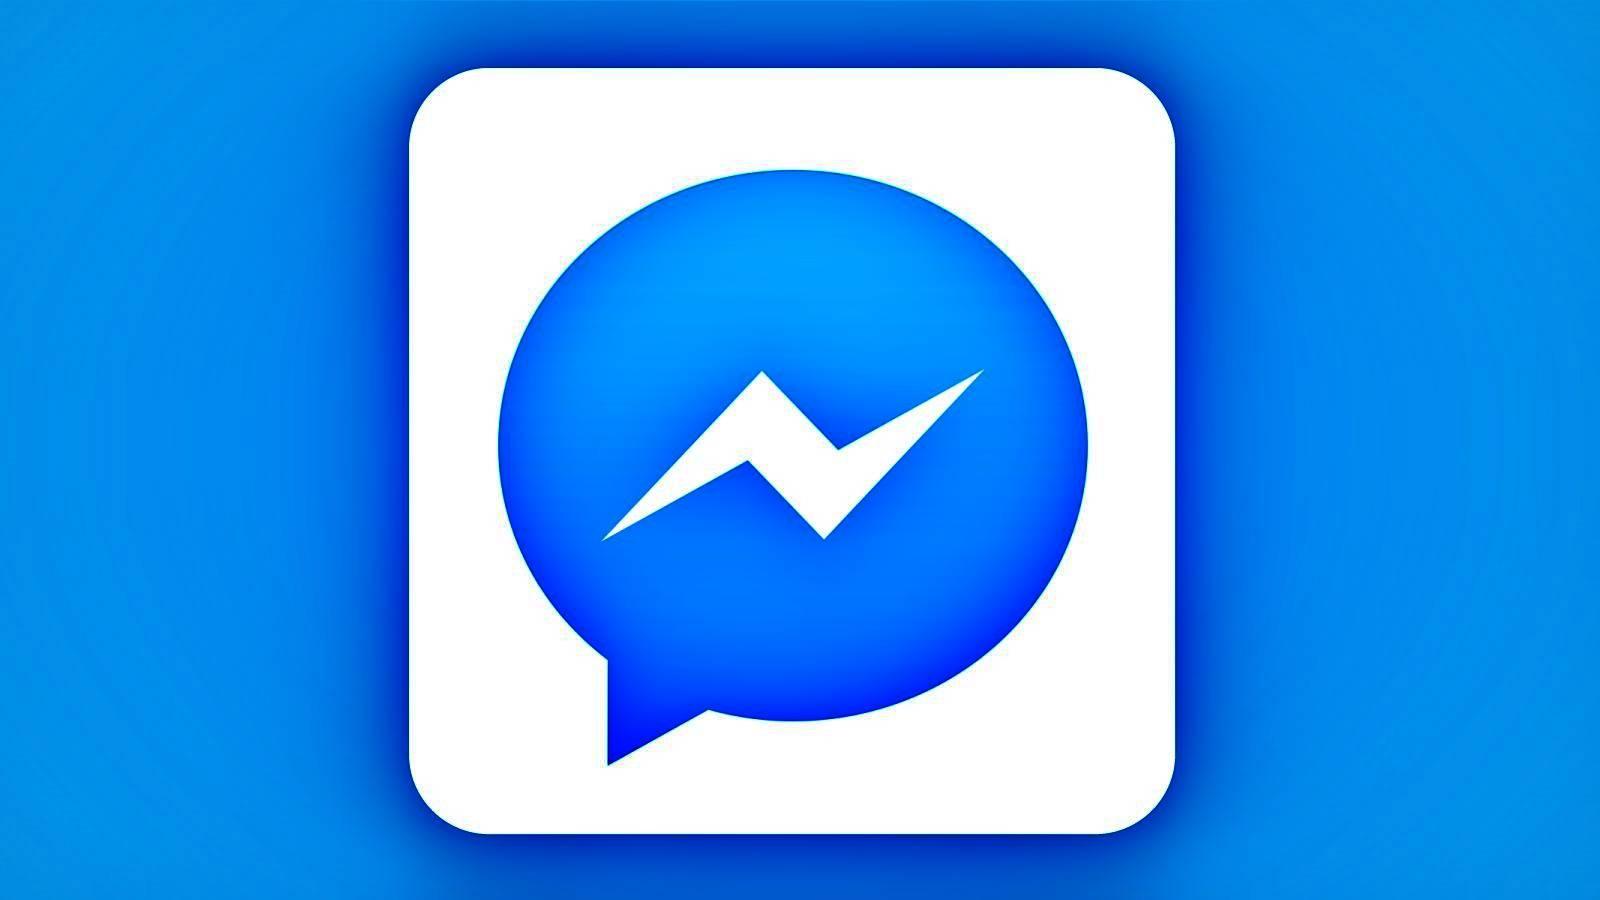 Actualizarea Noua a Facebook Messenger Lansata pentru Telefoane, Tablete